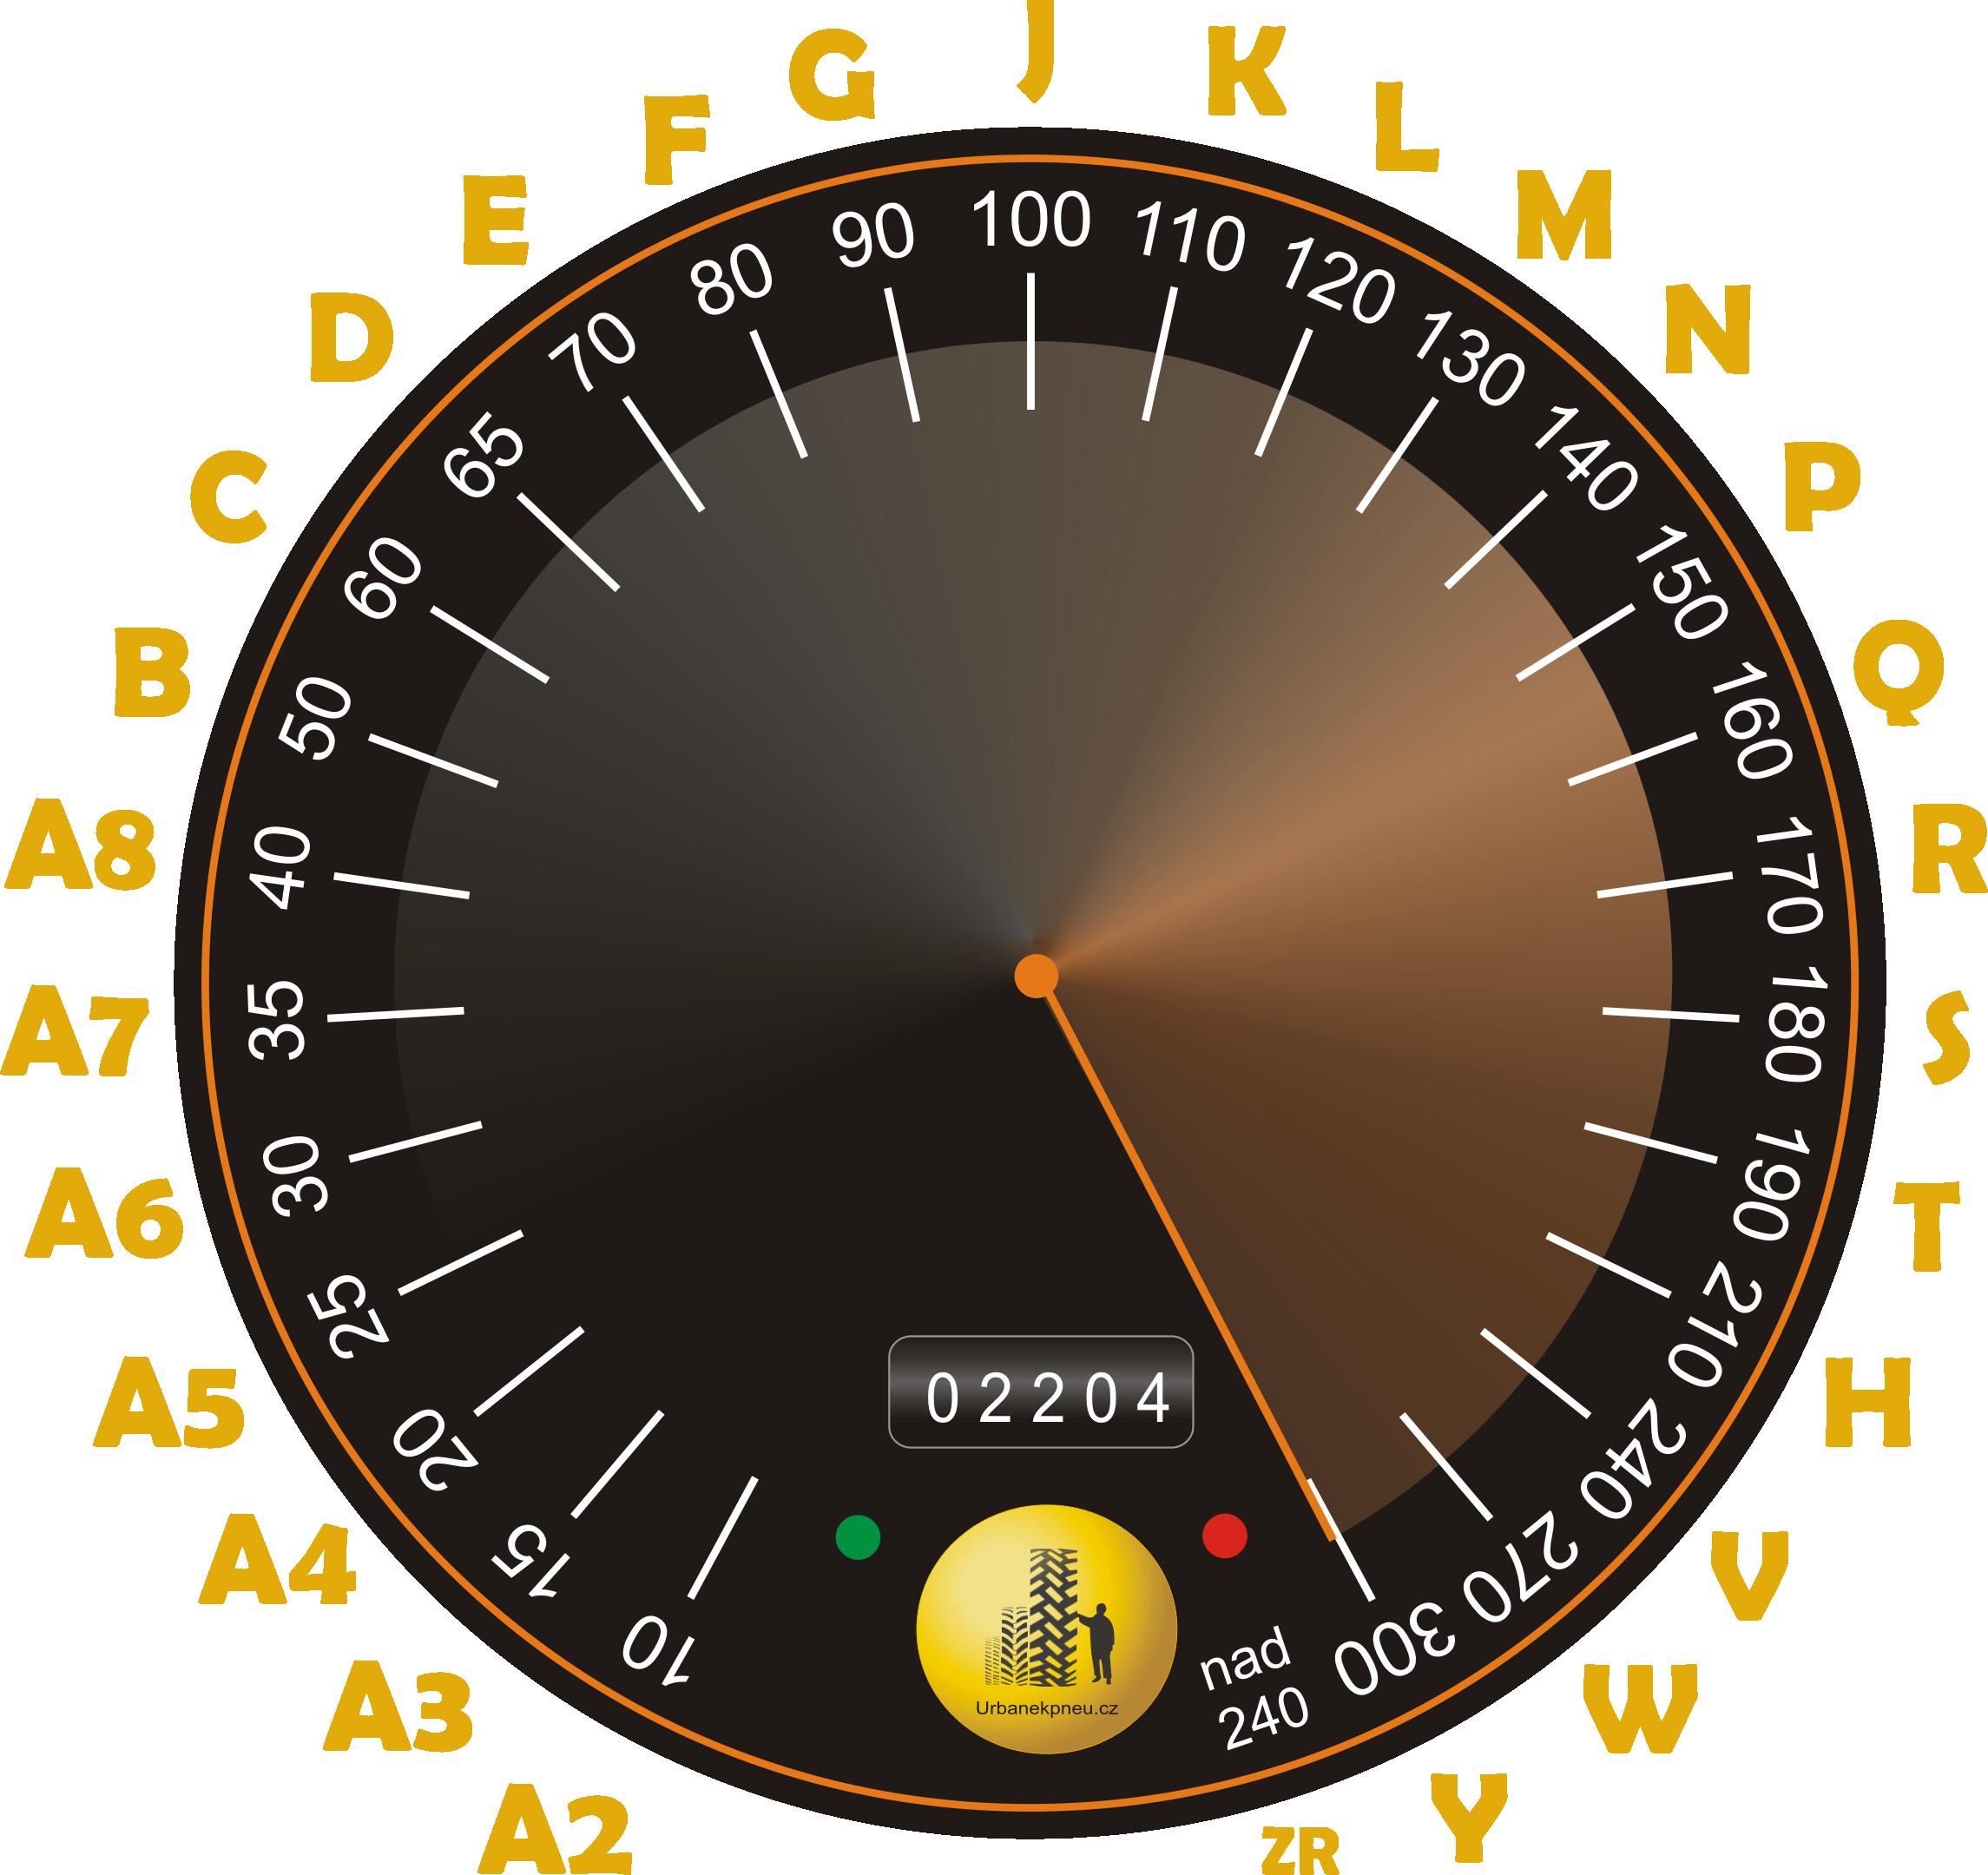 rychlostni_index